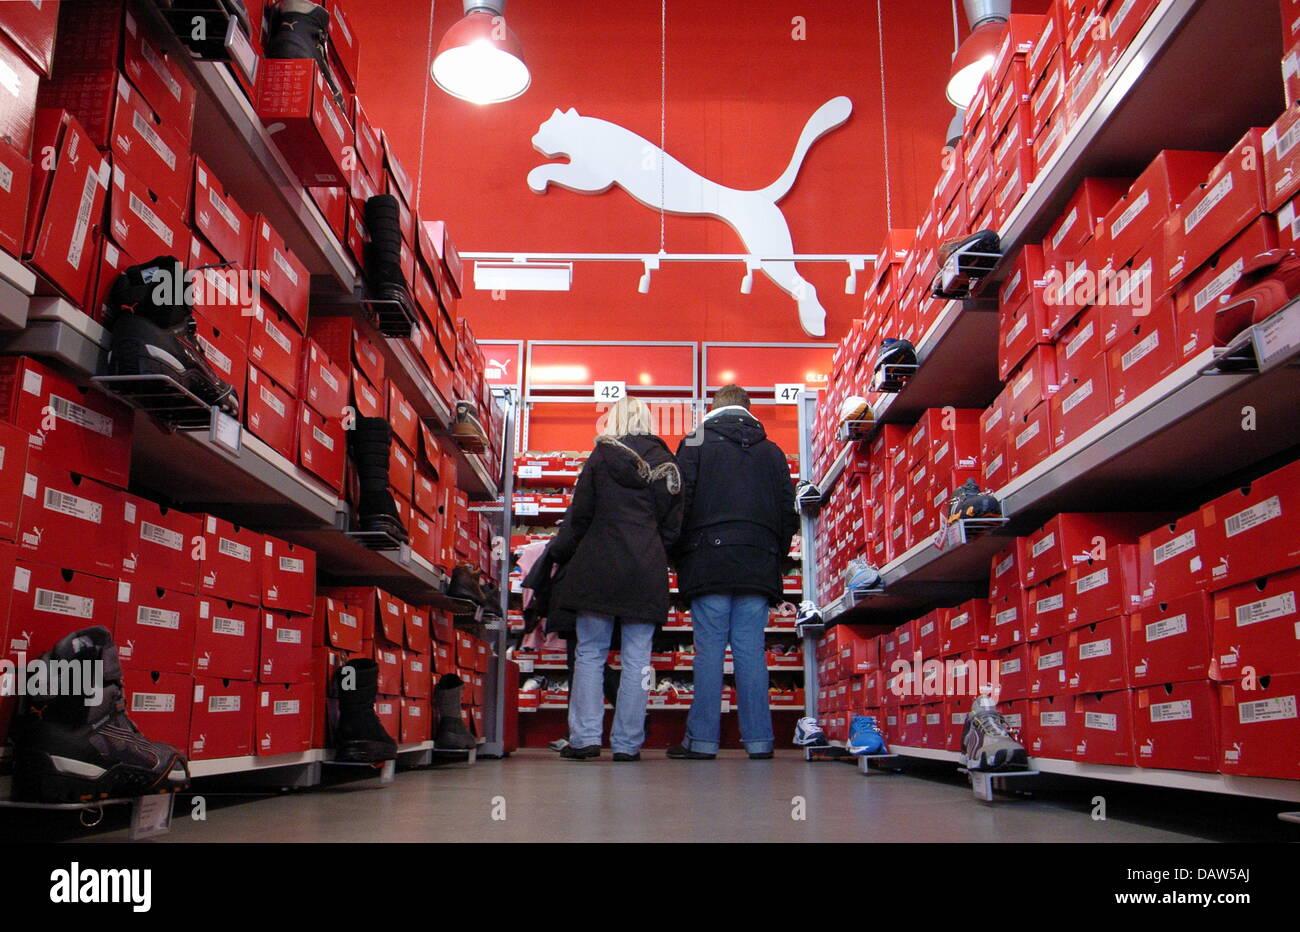 Für Schauen Puma Schuhe Store Bremen Outlet In Zwei Kunden Ein EW9IDH2